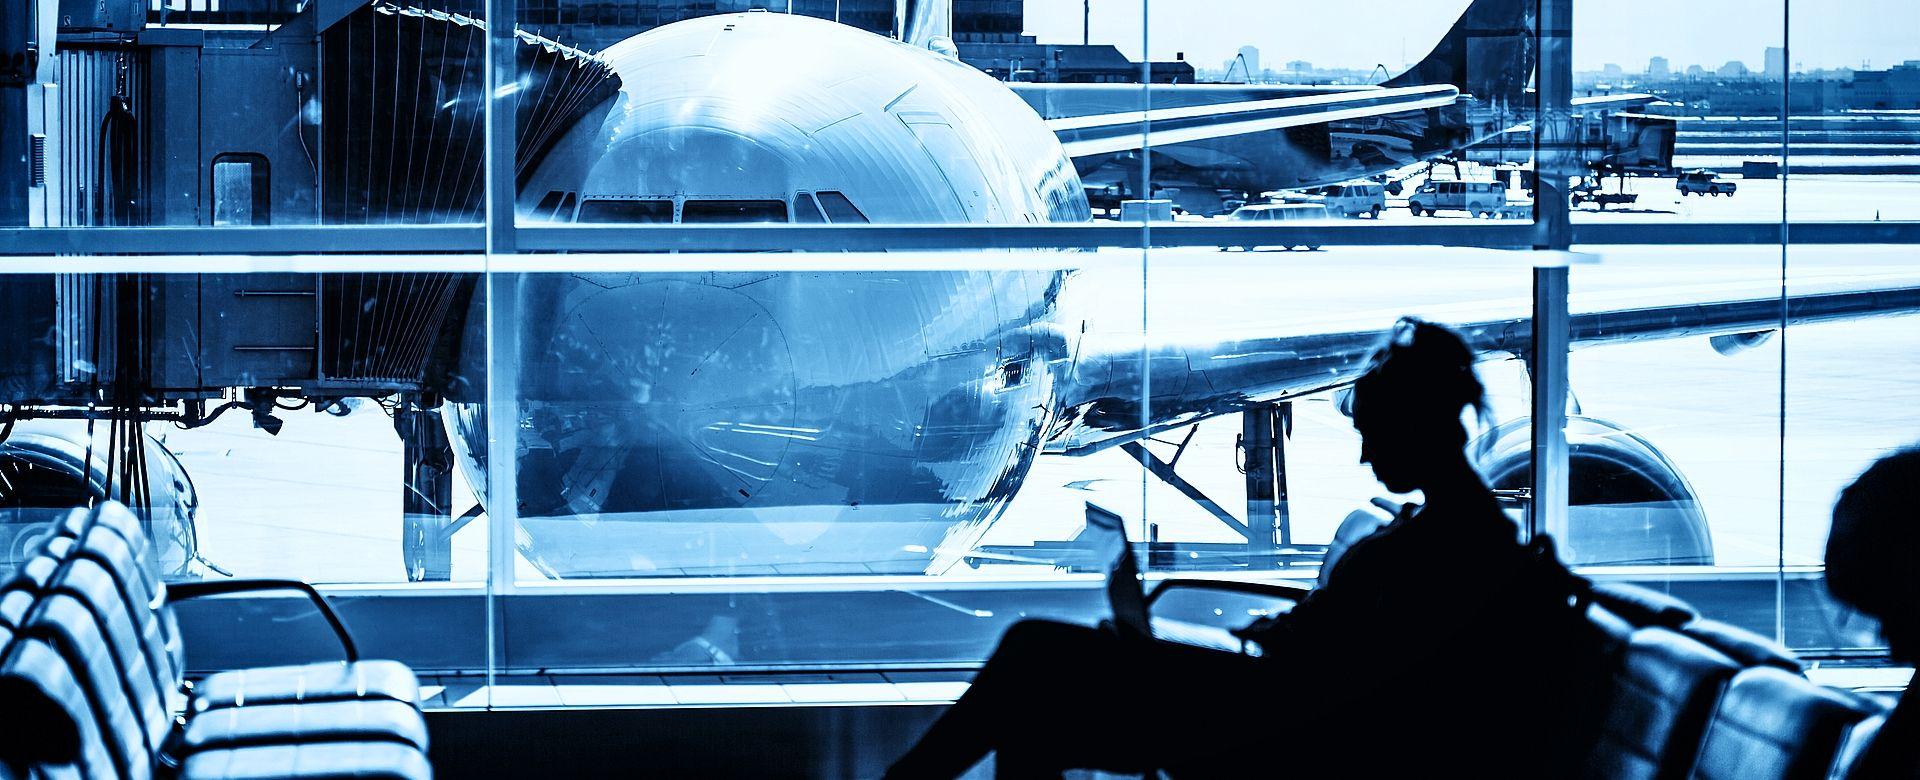 Hauptuhren, Analoguhren und Digitaluhren sowie Weltzeituhren für Luft- und Raumfahrt Ein hohes Maß an Zuverlässigkeit und Verfügbarkeit ist ein Muss für Zeitverteilungssysteme. Auch die Anzeige der korrekten Zeit für Passagiere und Bodenpersonal ist an jedem Flughafen unerlässlich.